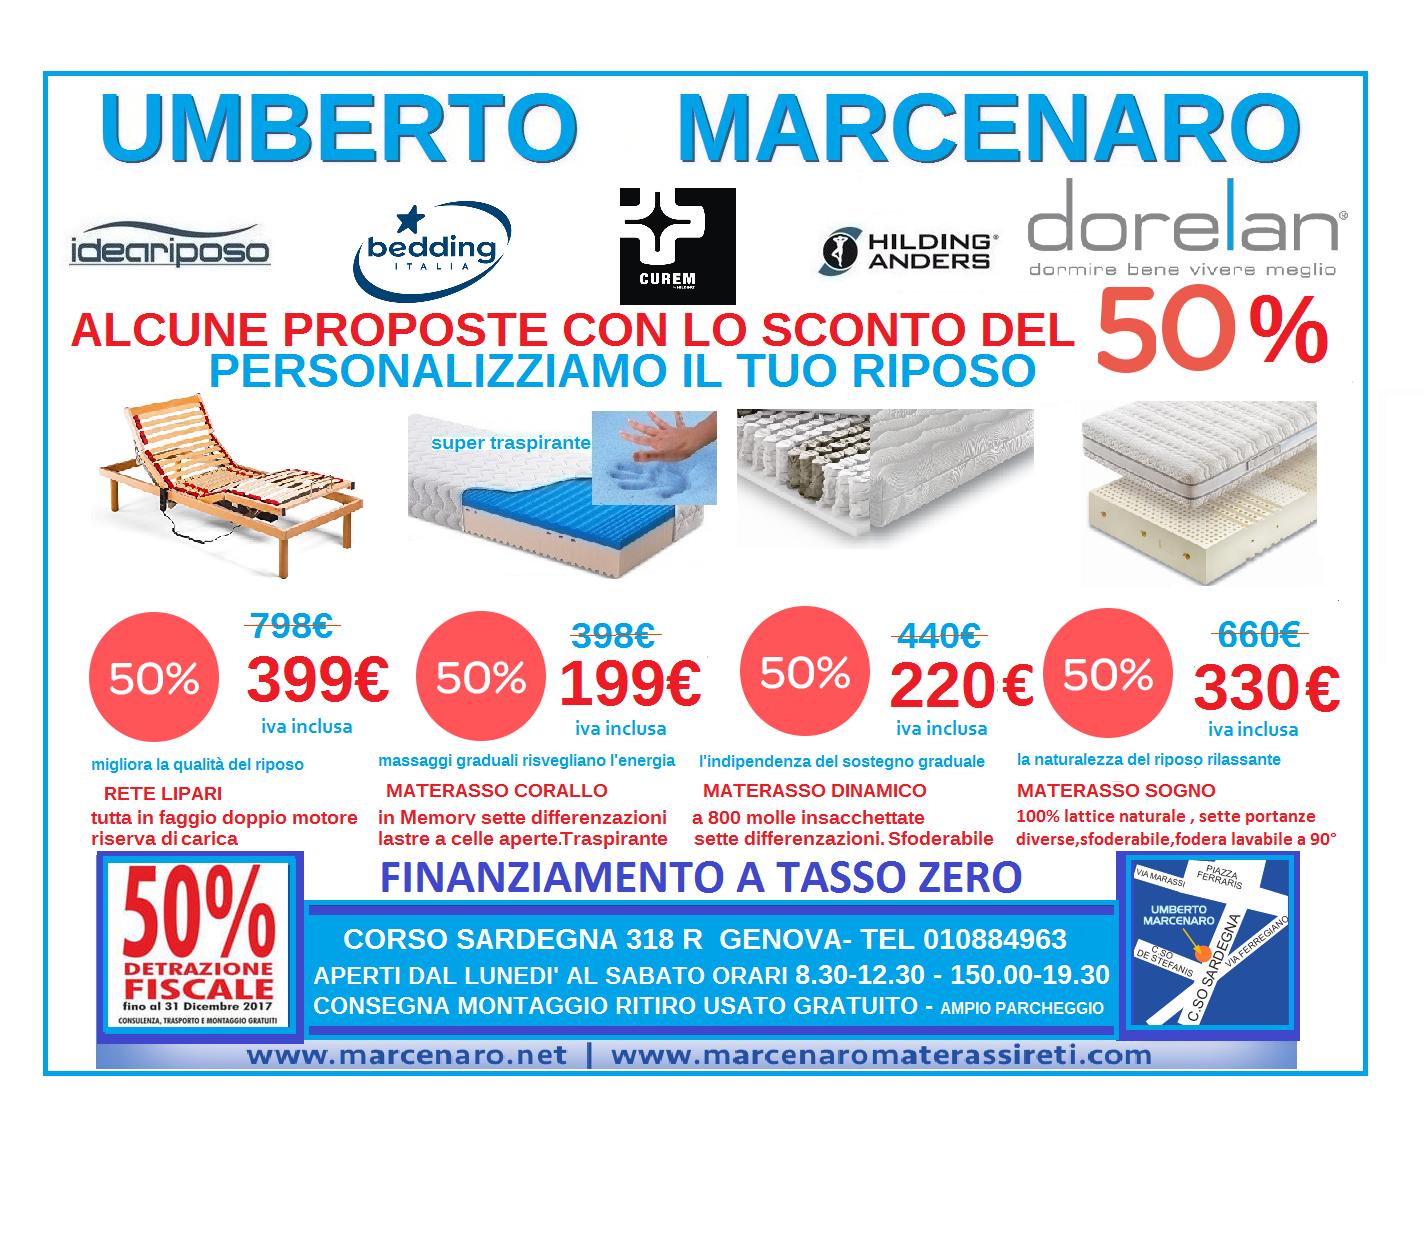 Materassi Genova.Materassi A Genova Tel 010 815486 010 884963 Cap 16142